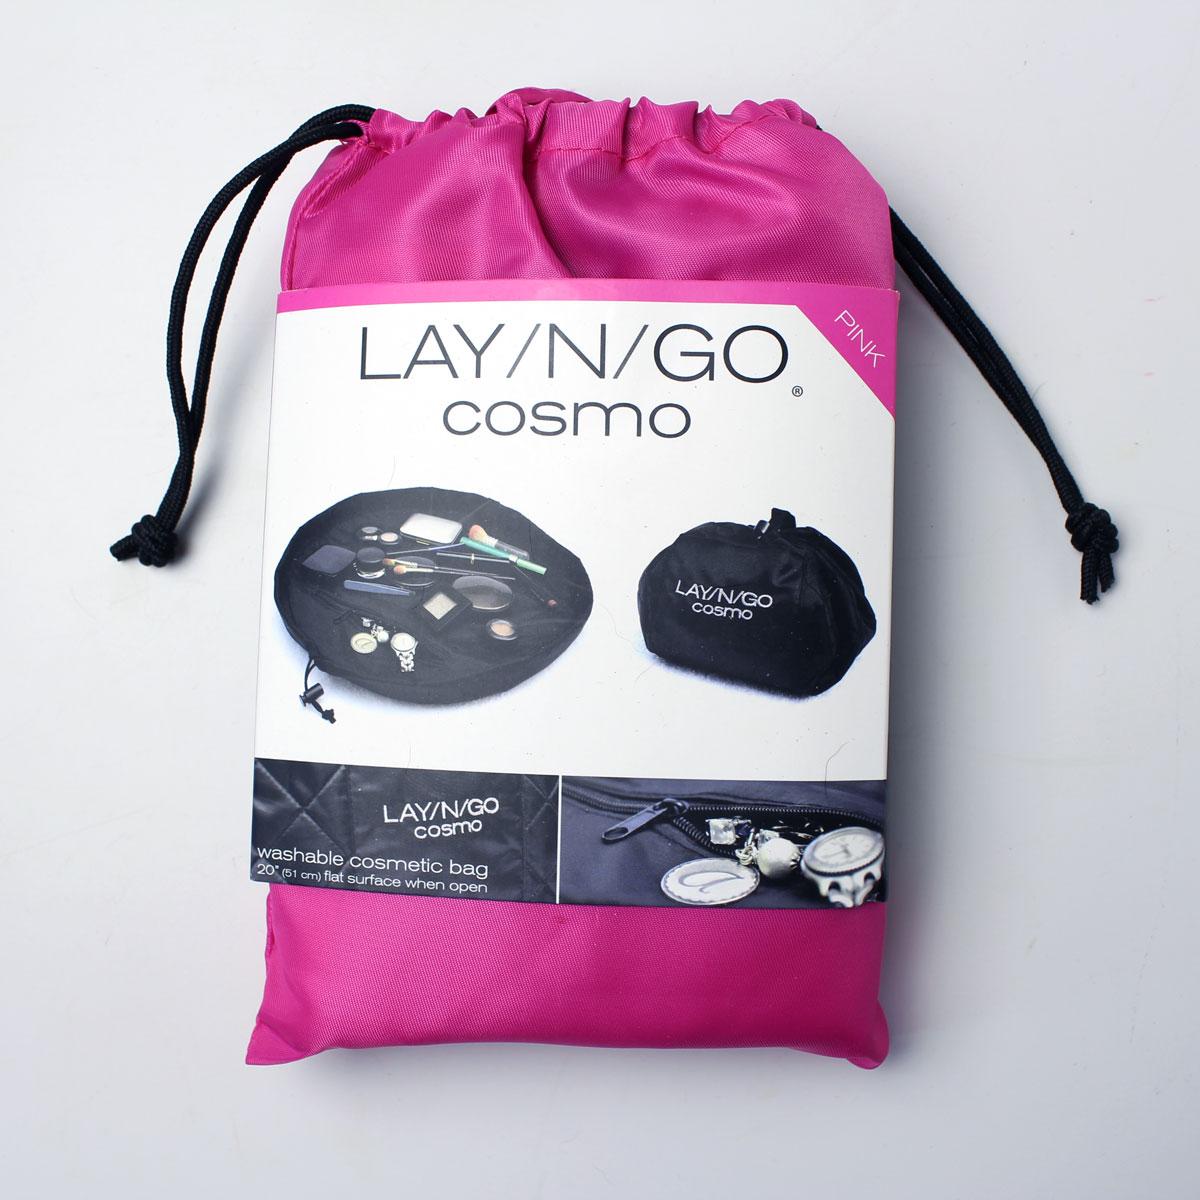 Lay N Go